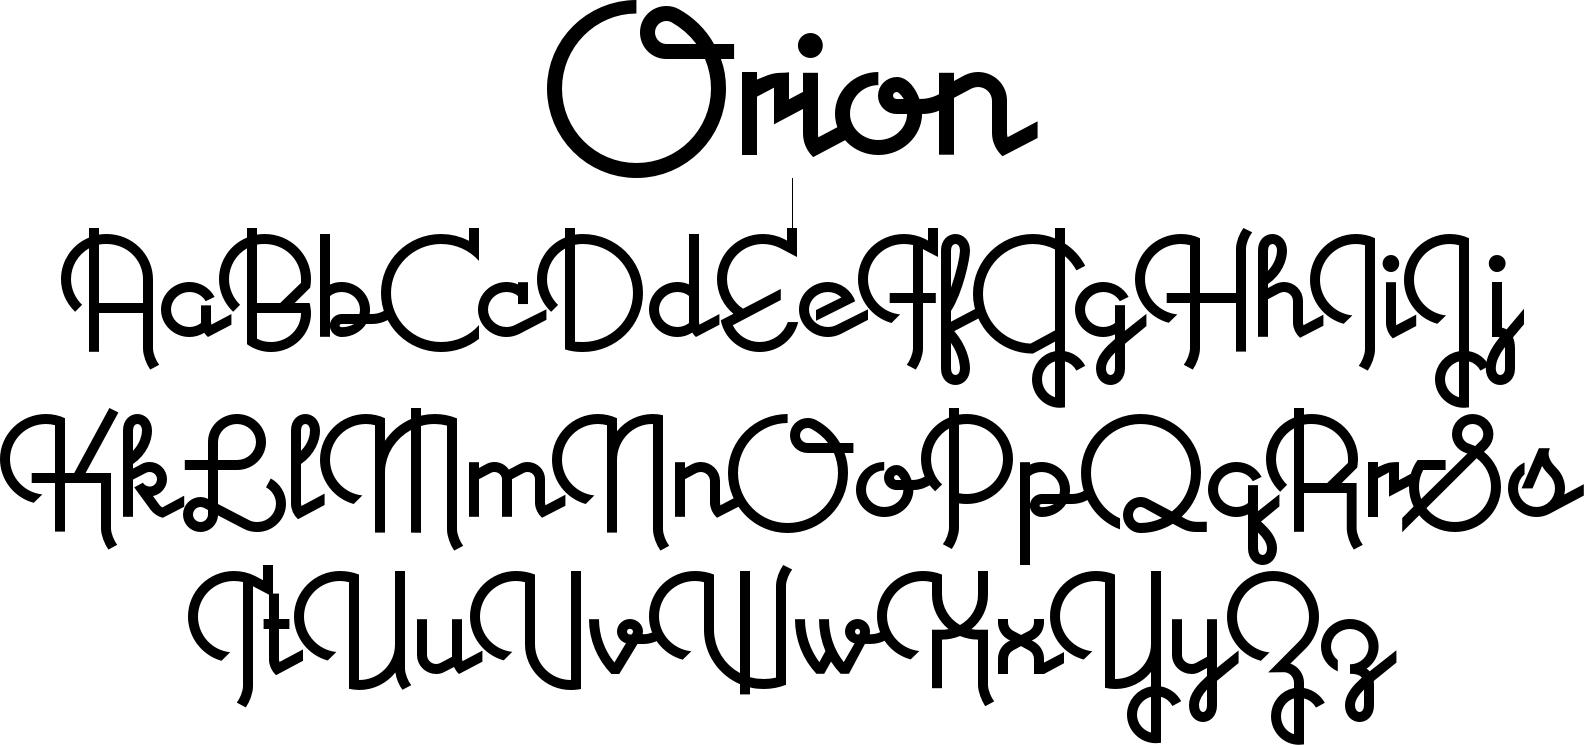 Cool Fonts  Google Search  Fonts    Fonts